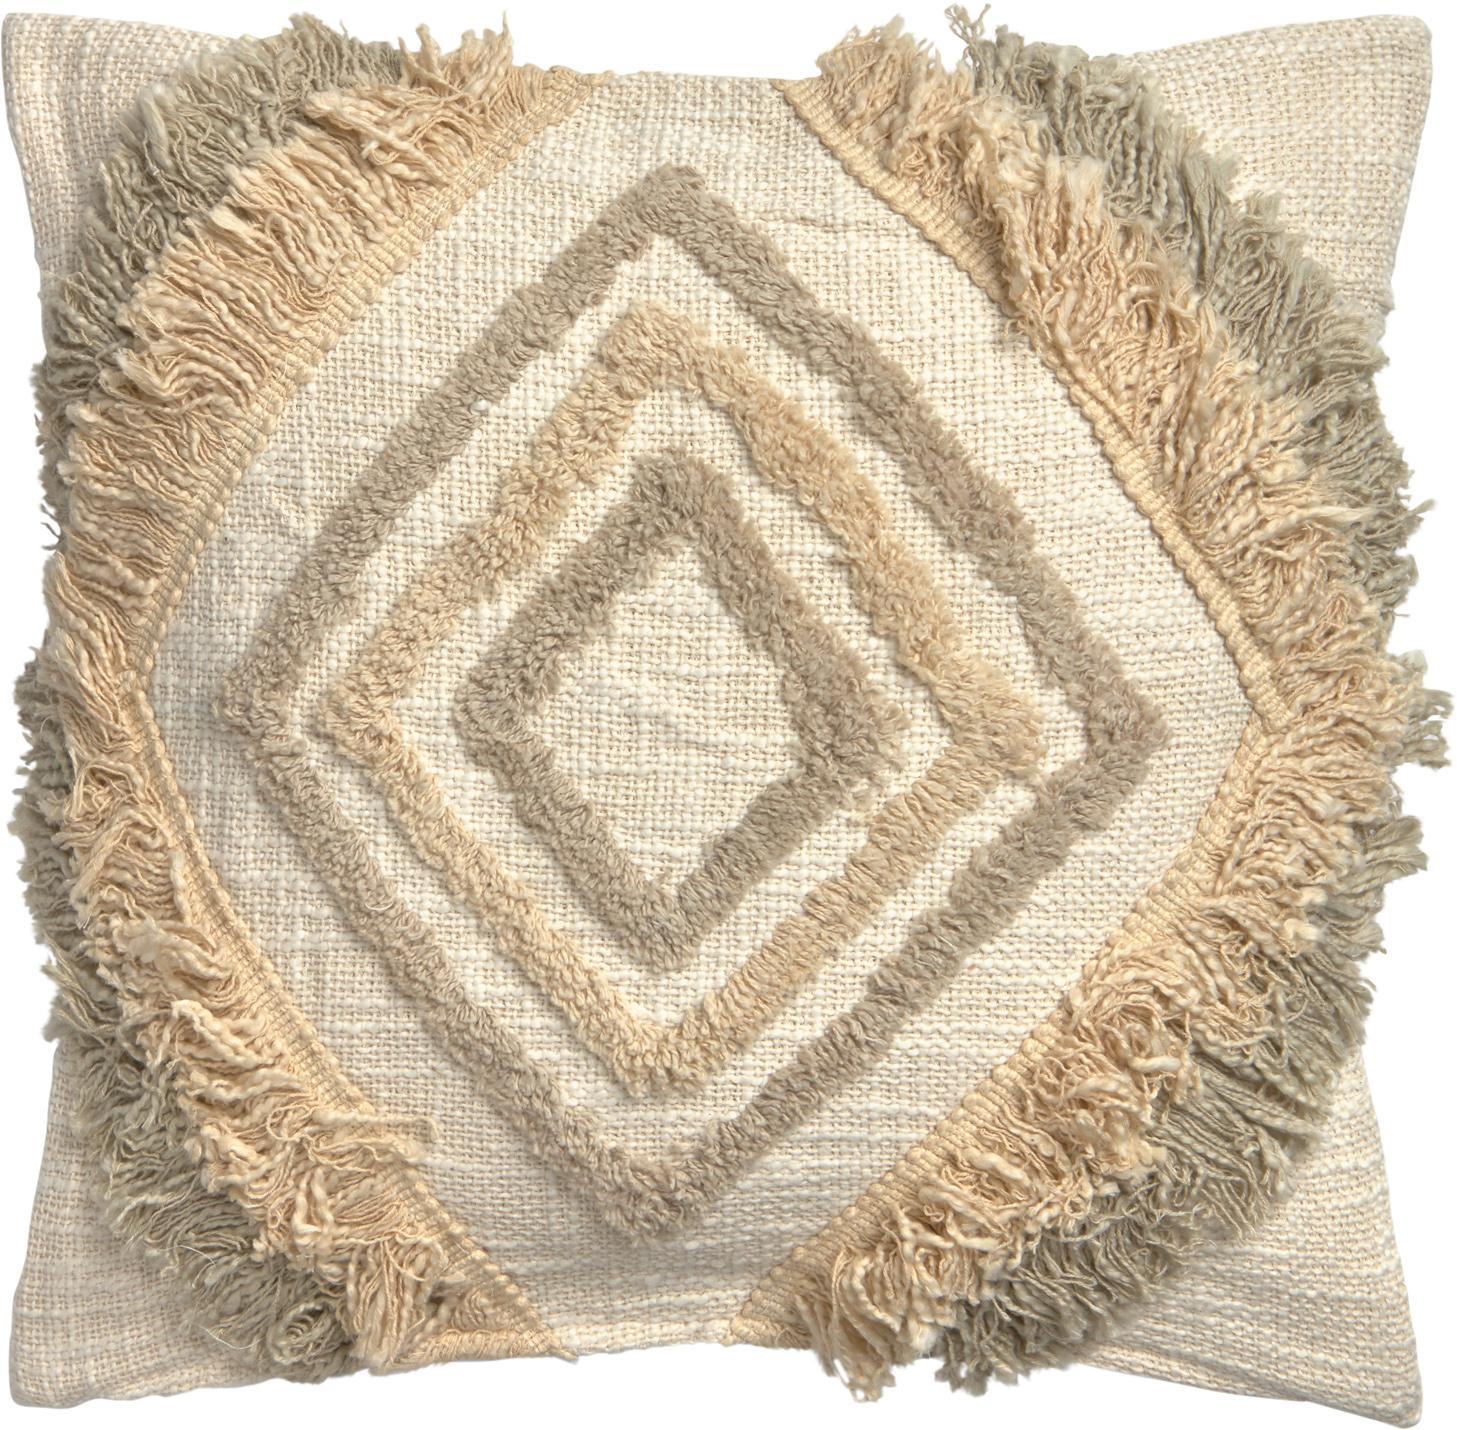 Boho kussenhoes Joana met decoratieve franjes, 100% katoen, Beige, taupe, saliegroen, 45 x 45 cm